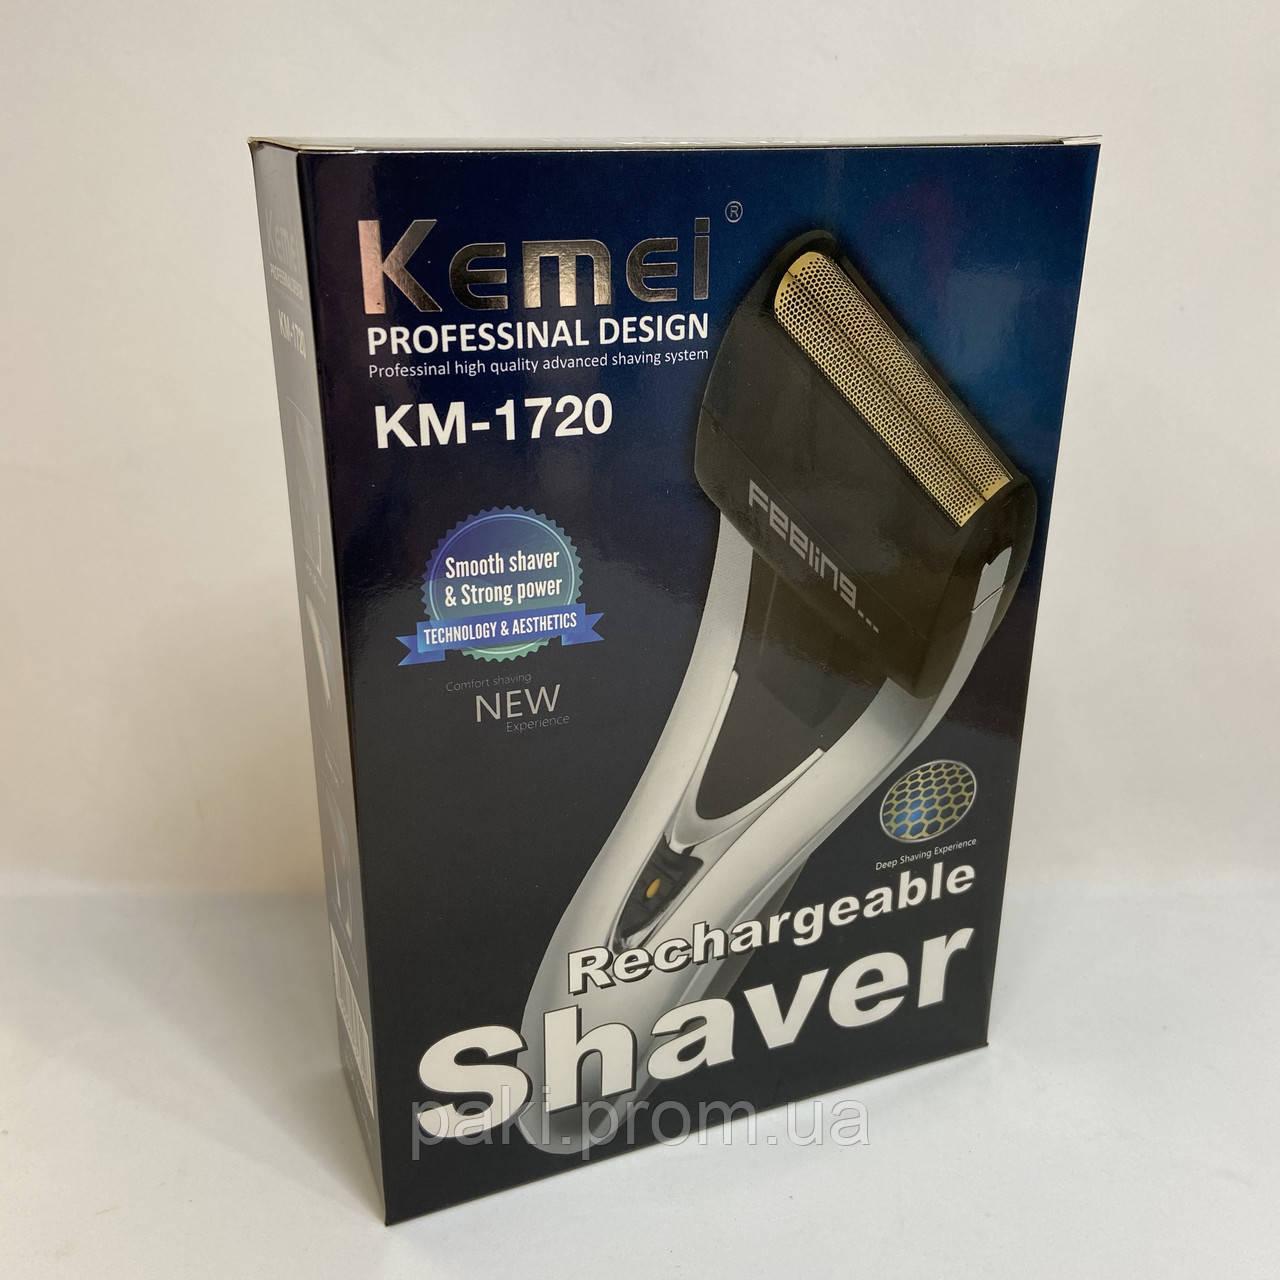 Сеточная электробритва Kemei KM-1720